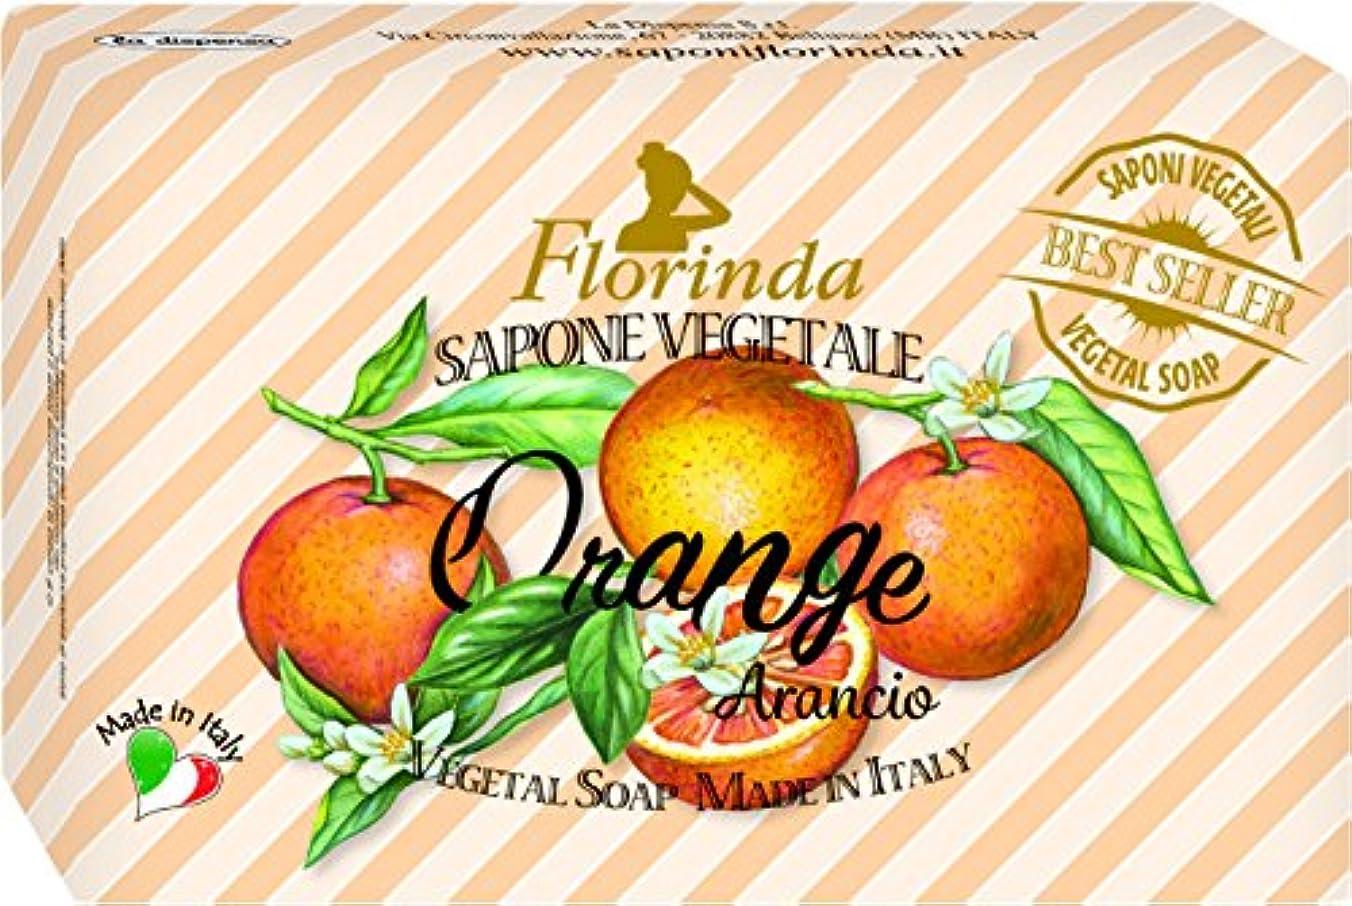 悪化させるぐるぐる項目フレグランスソープ ベストセラーシリーズ オレンジ